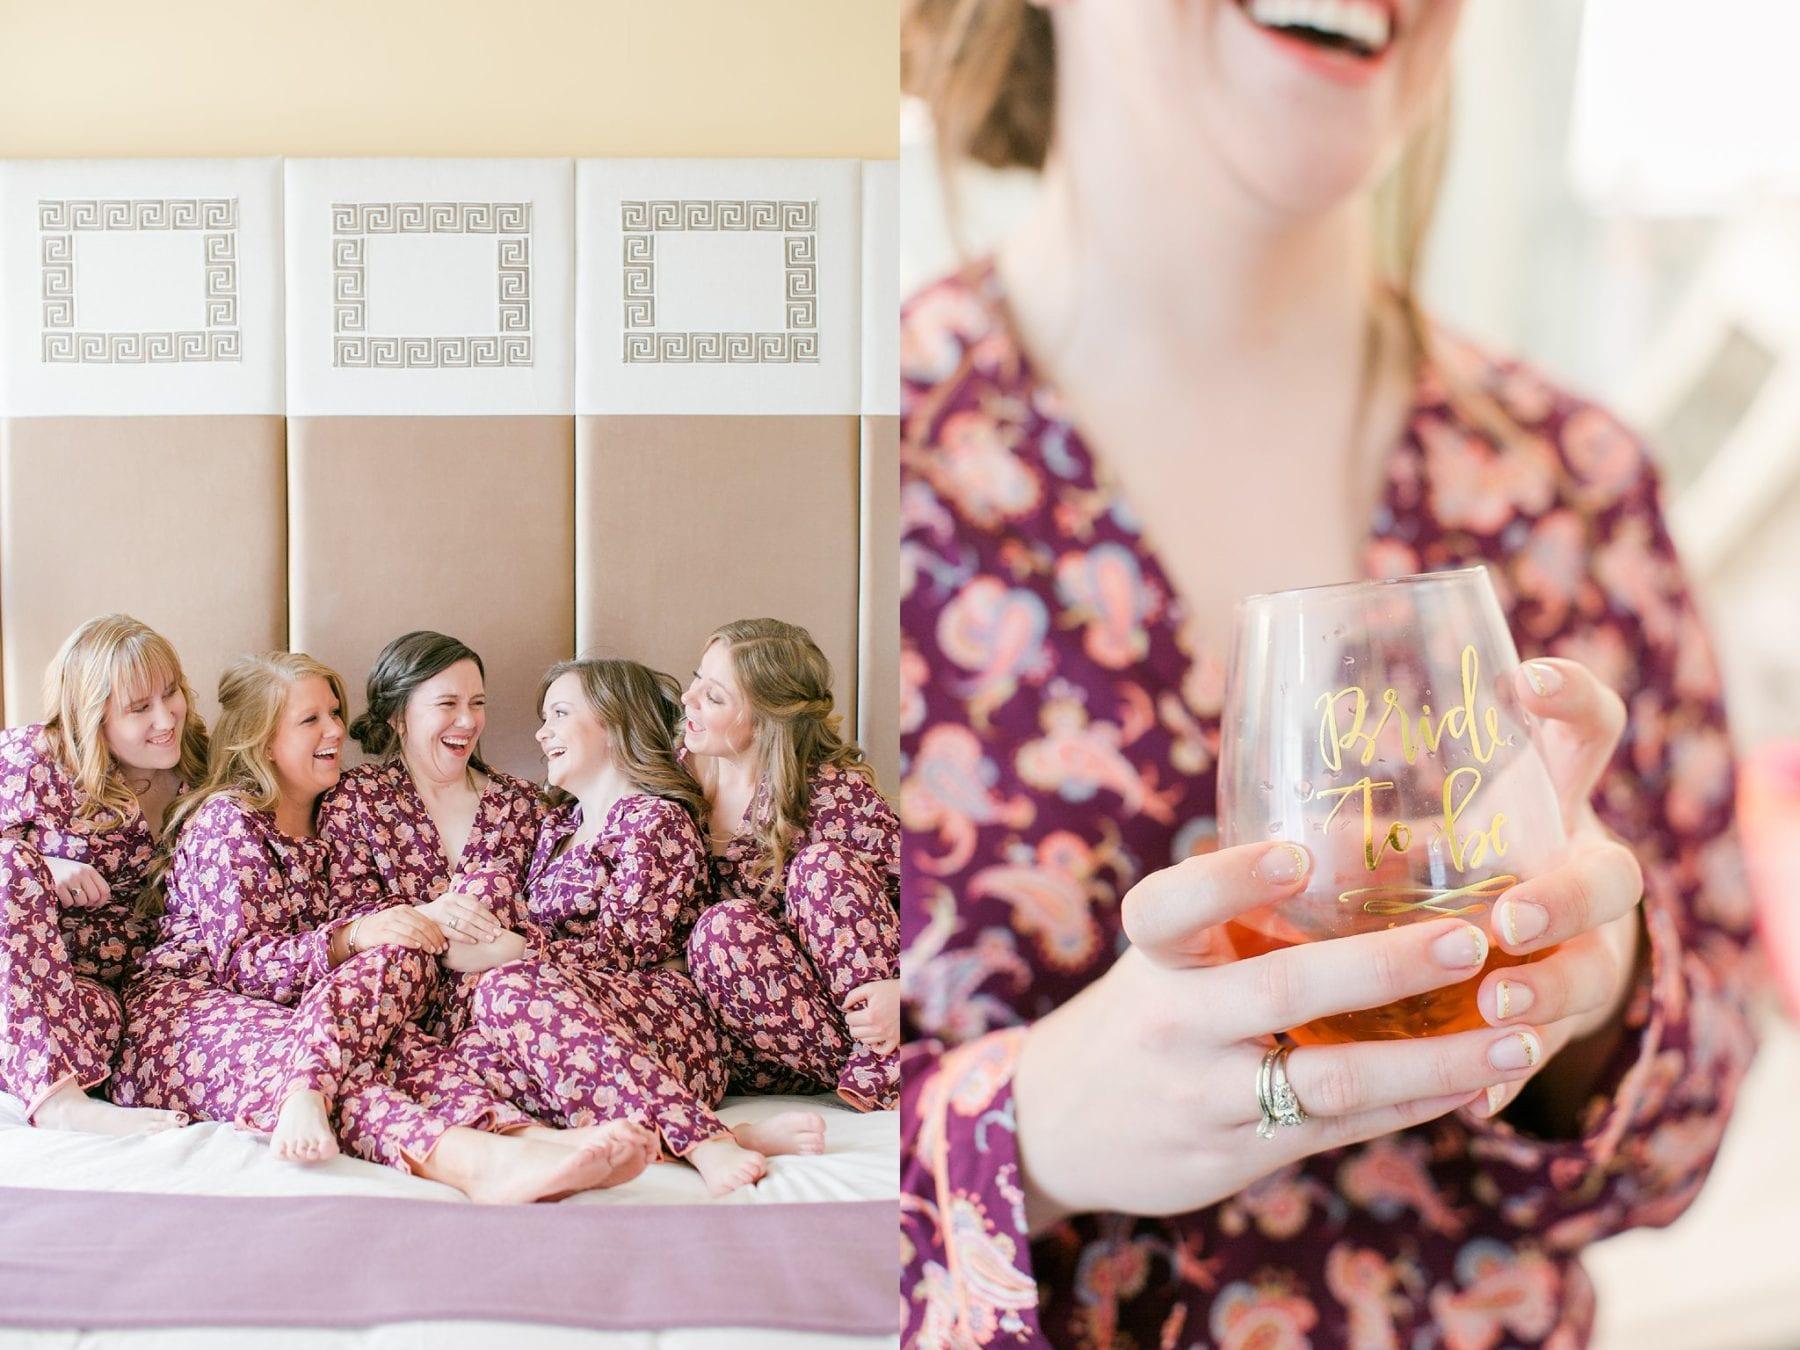 Hotel Monaco Washington DC Wedding Photos Megan Kelsey Photography Erin & Mike -26